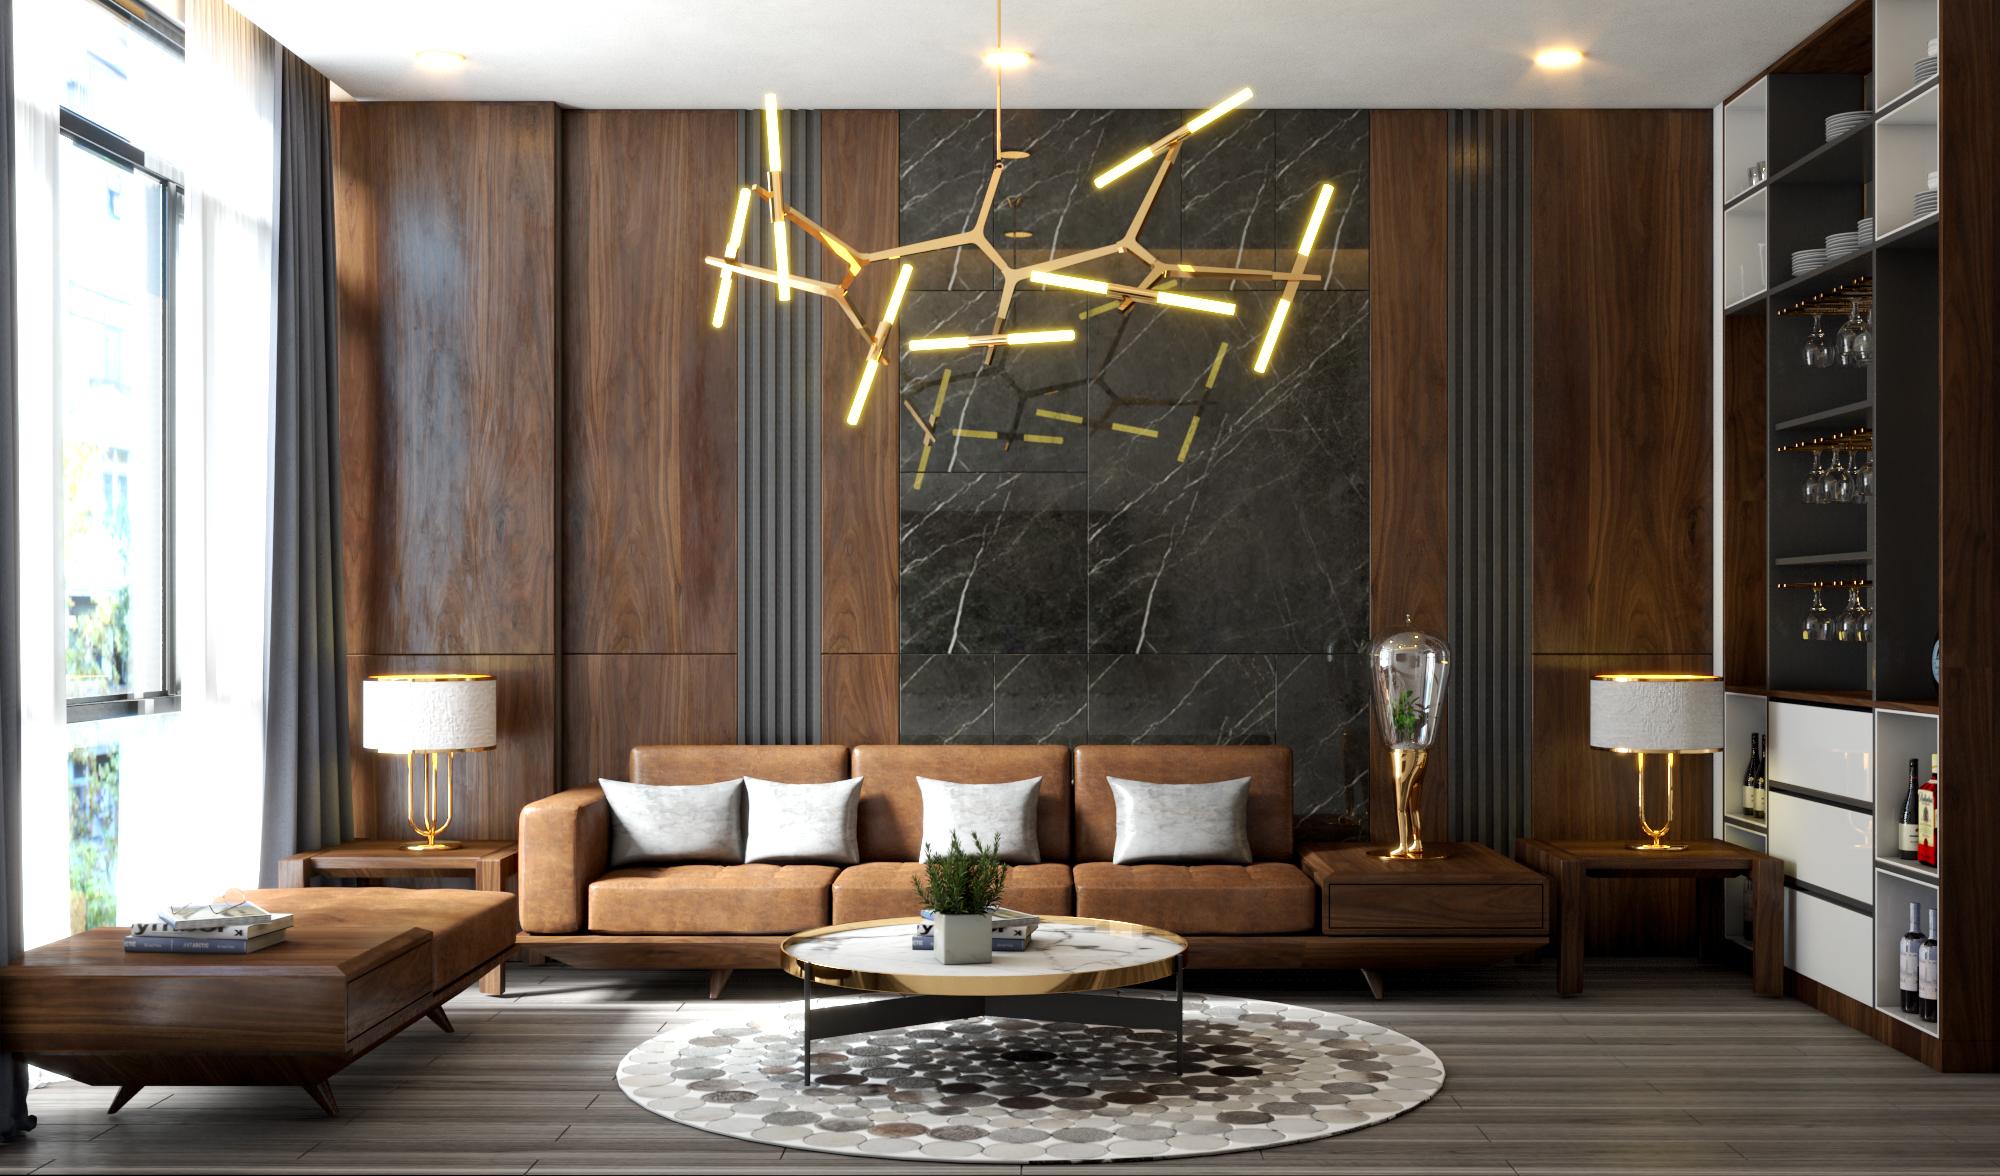 Thiết kế nội thất Nhà Mặt Phố tại Hà Nội cải tạo nội thất nhà phố 1584583716 4